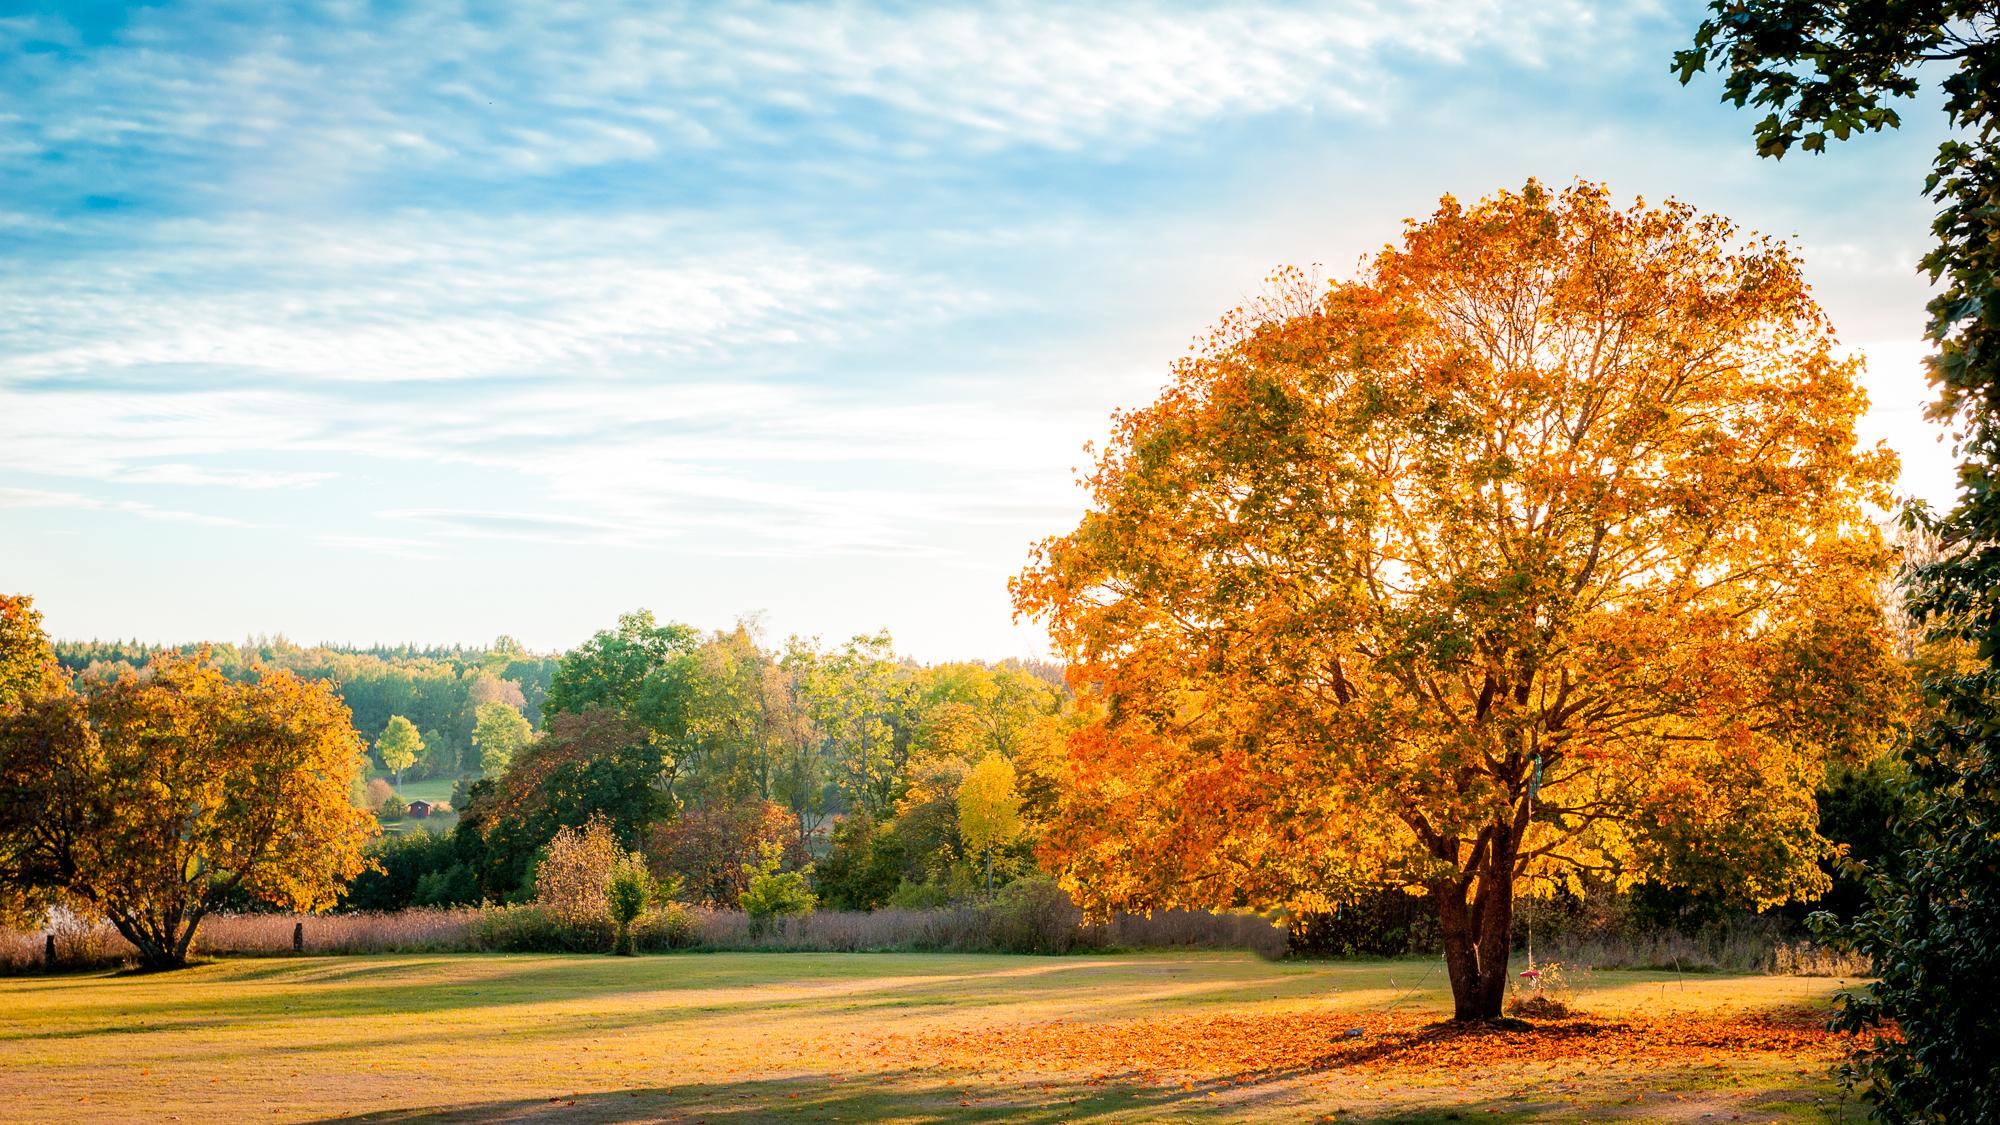 природа деревья листья осень nature trees leaves autumn  № 1036960 бесплатно